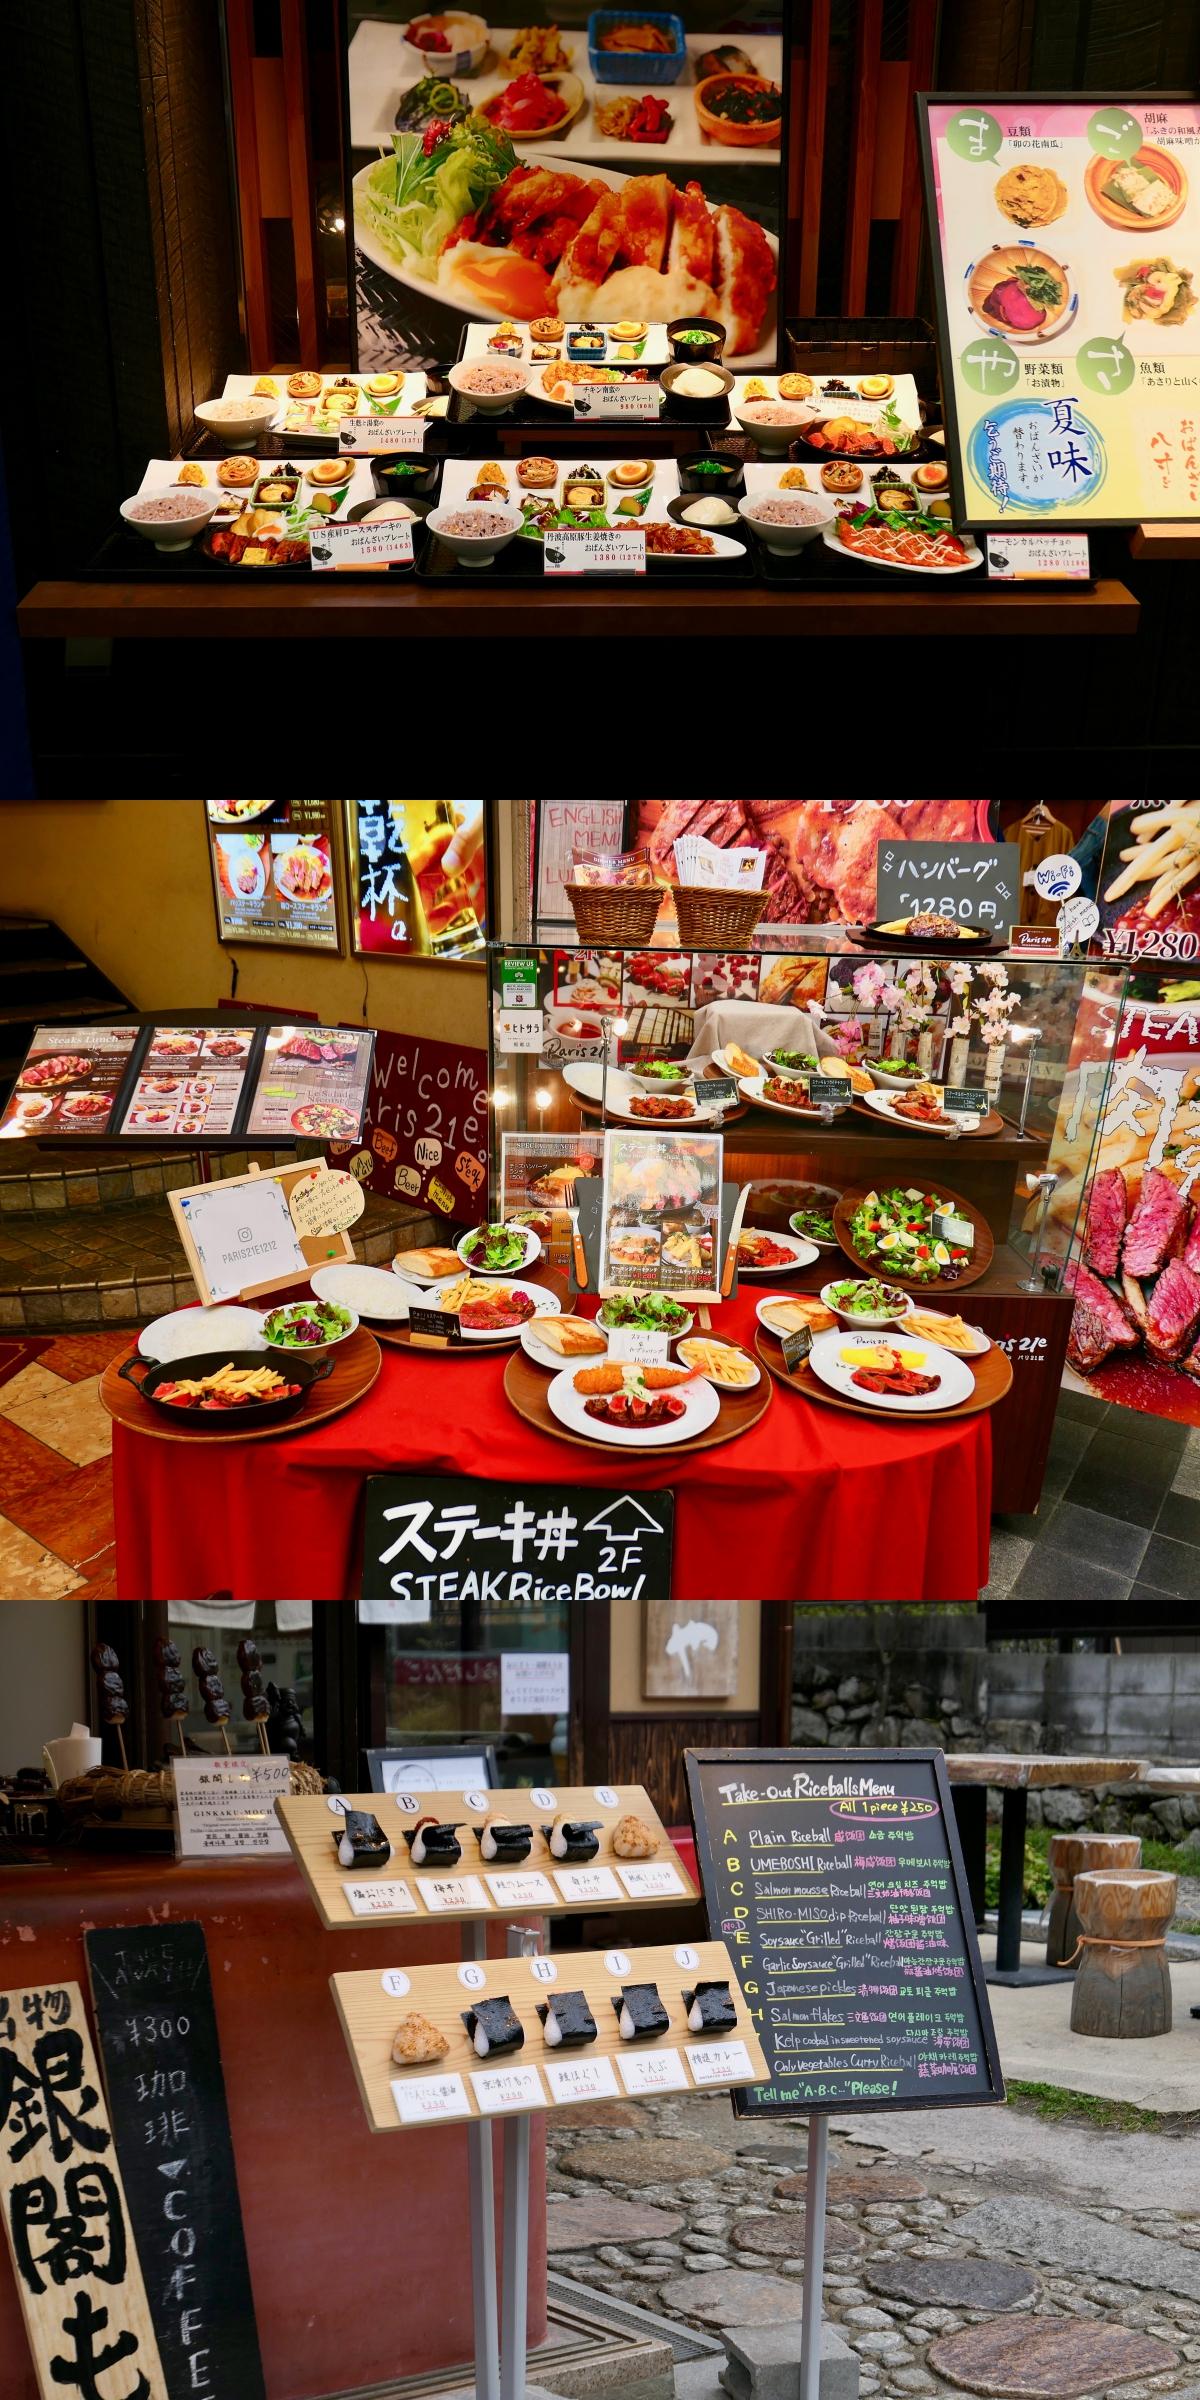 각각 다른 식당의 모습. 현지 언어를 잘 모르는 관광객도 가게 앞 음식 모형을 보고 메뉴를 예측할 수 있다. ©생각노트